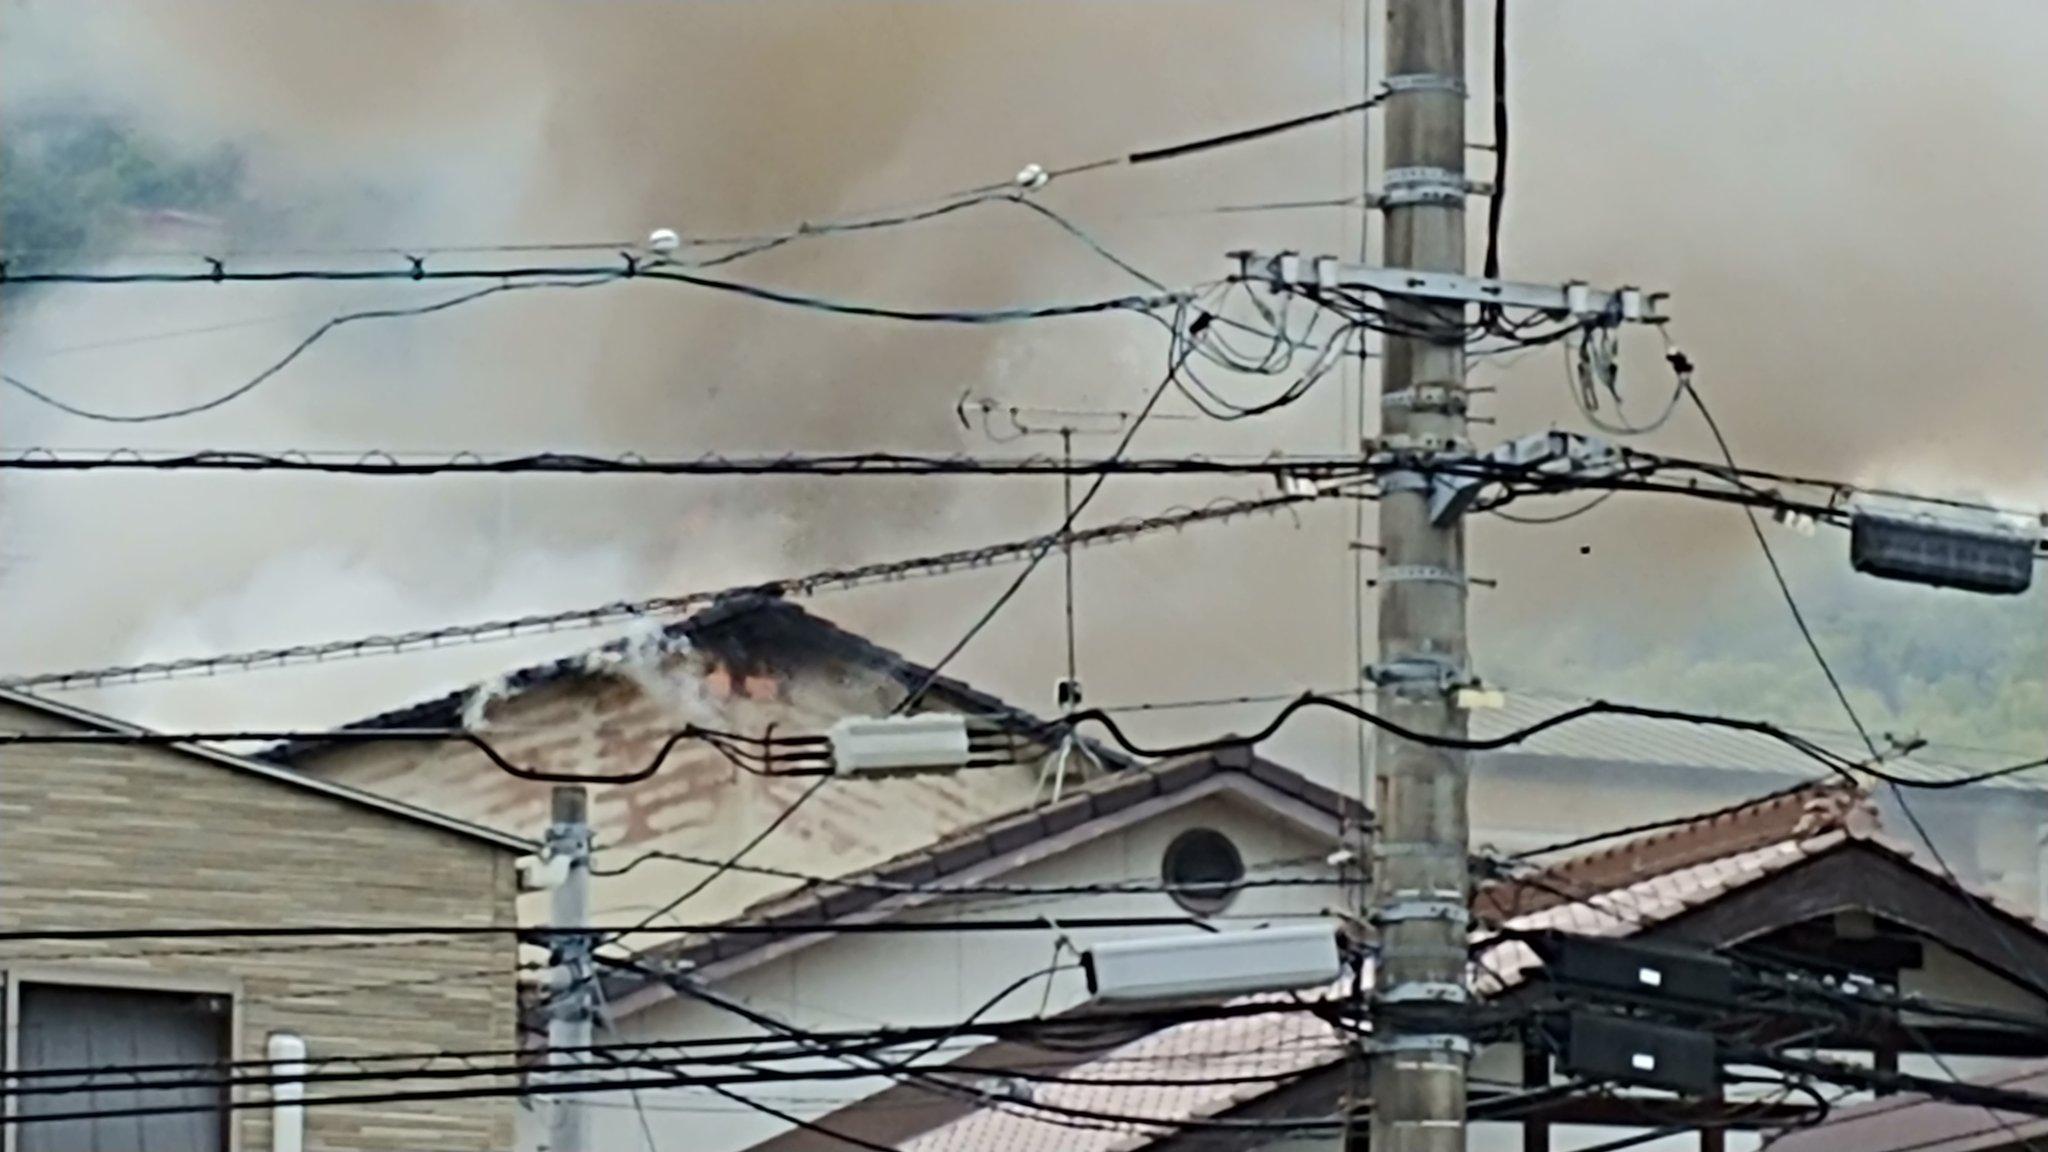 画像,あまり長居したらまずいんですぐ離れましたが…西区の火事、風も強いし、煙でかなりヤバい状態になってます…#火事 https://t.co/1Wo7JNMhtU…